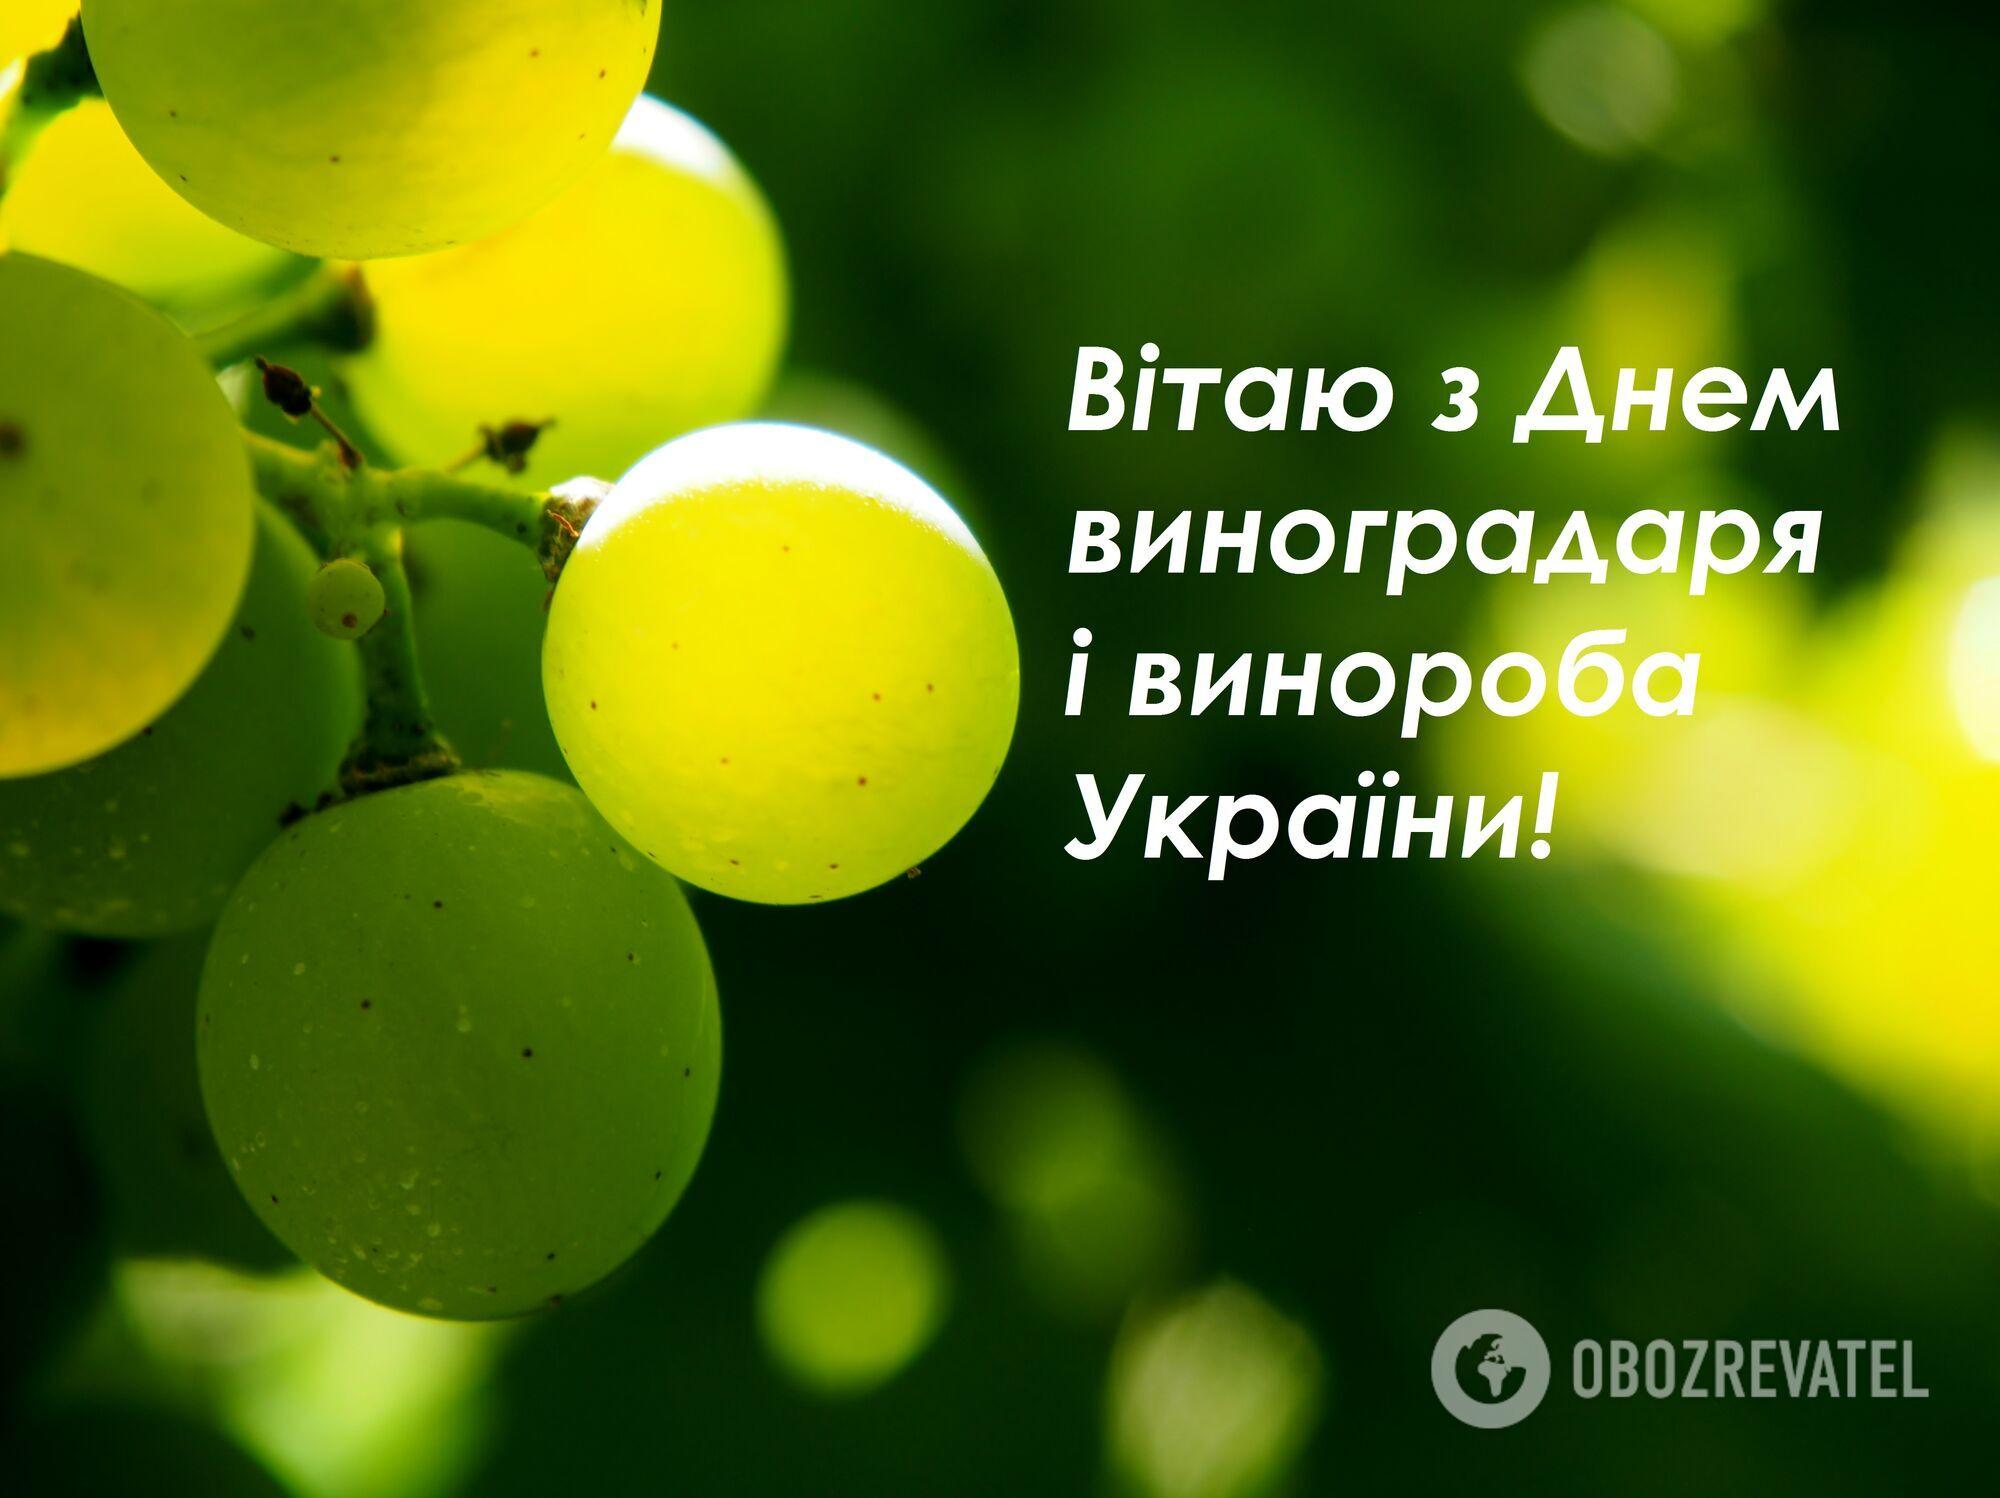 Открытка в День виноградаря и винодела